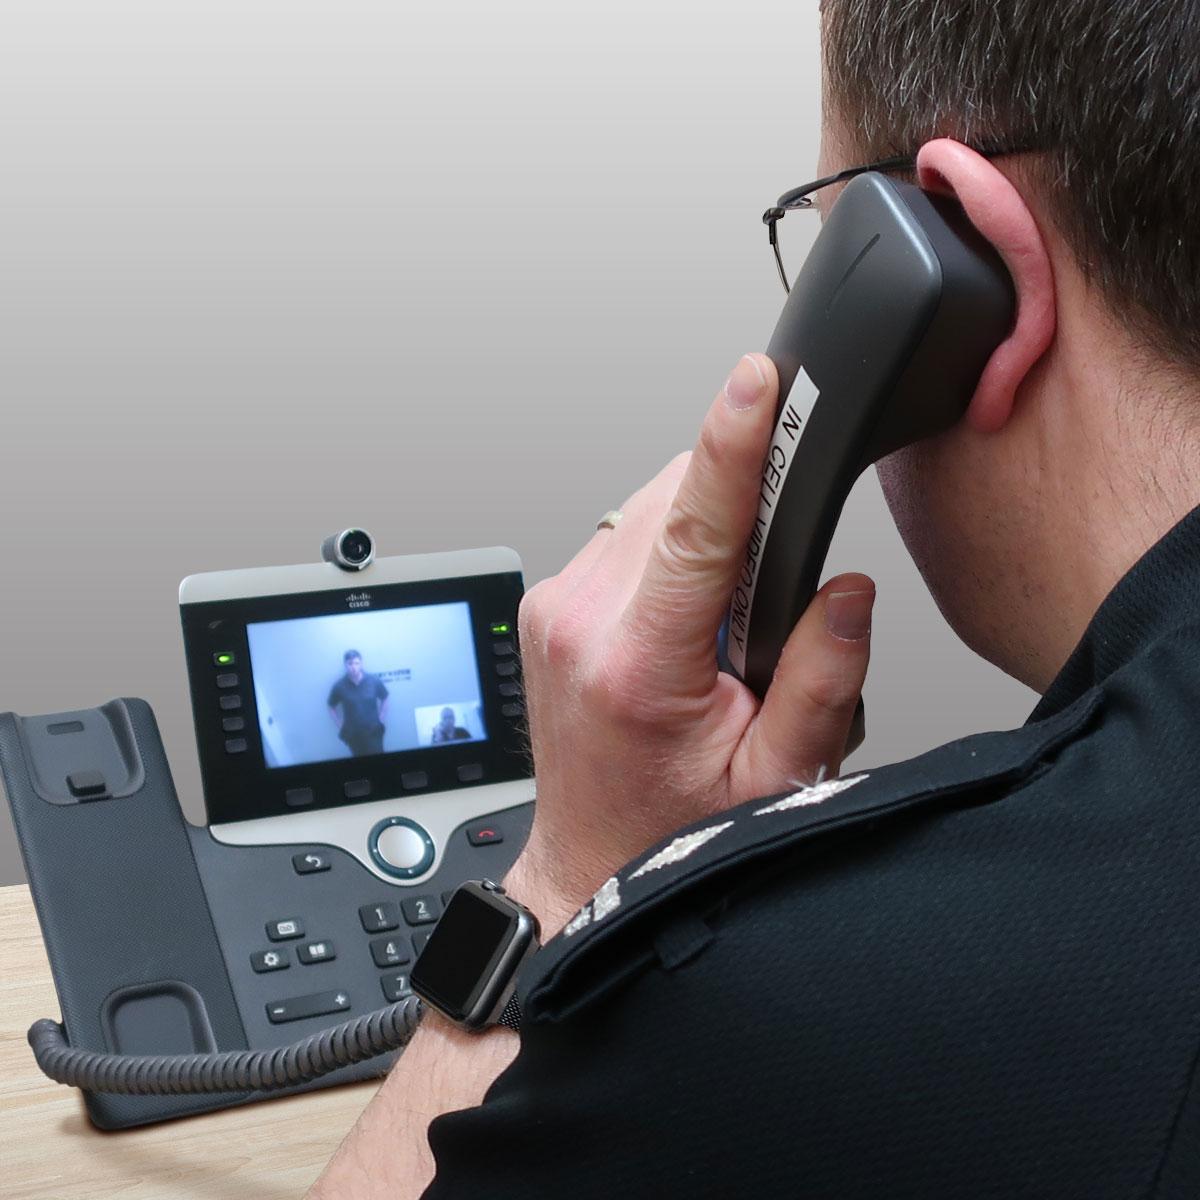 DMVS-Phone-side-1200x1200.jpg